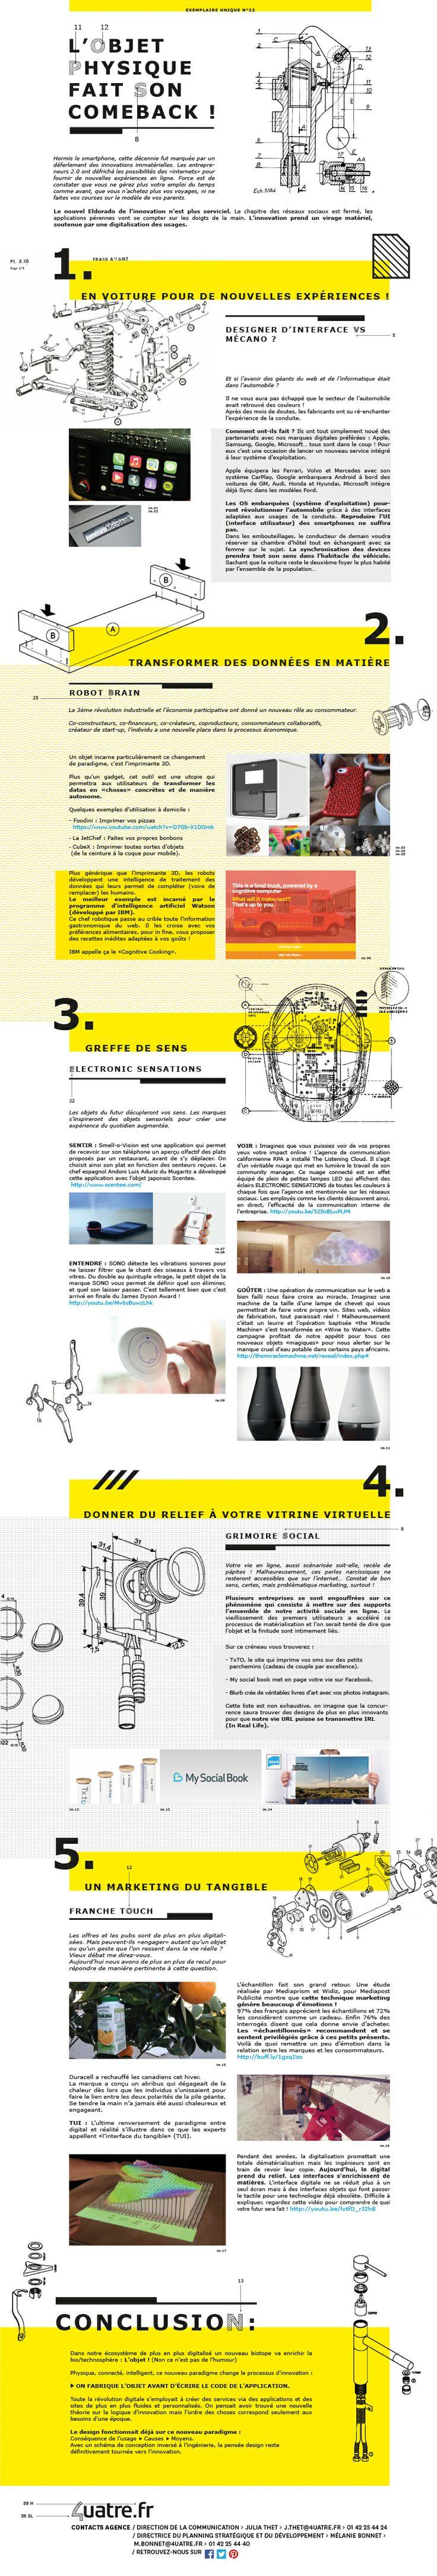 Exemplaire unique numéro 22 : L'objet physique fait son come-back!